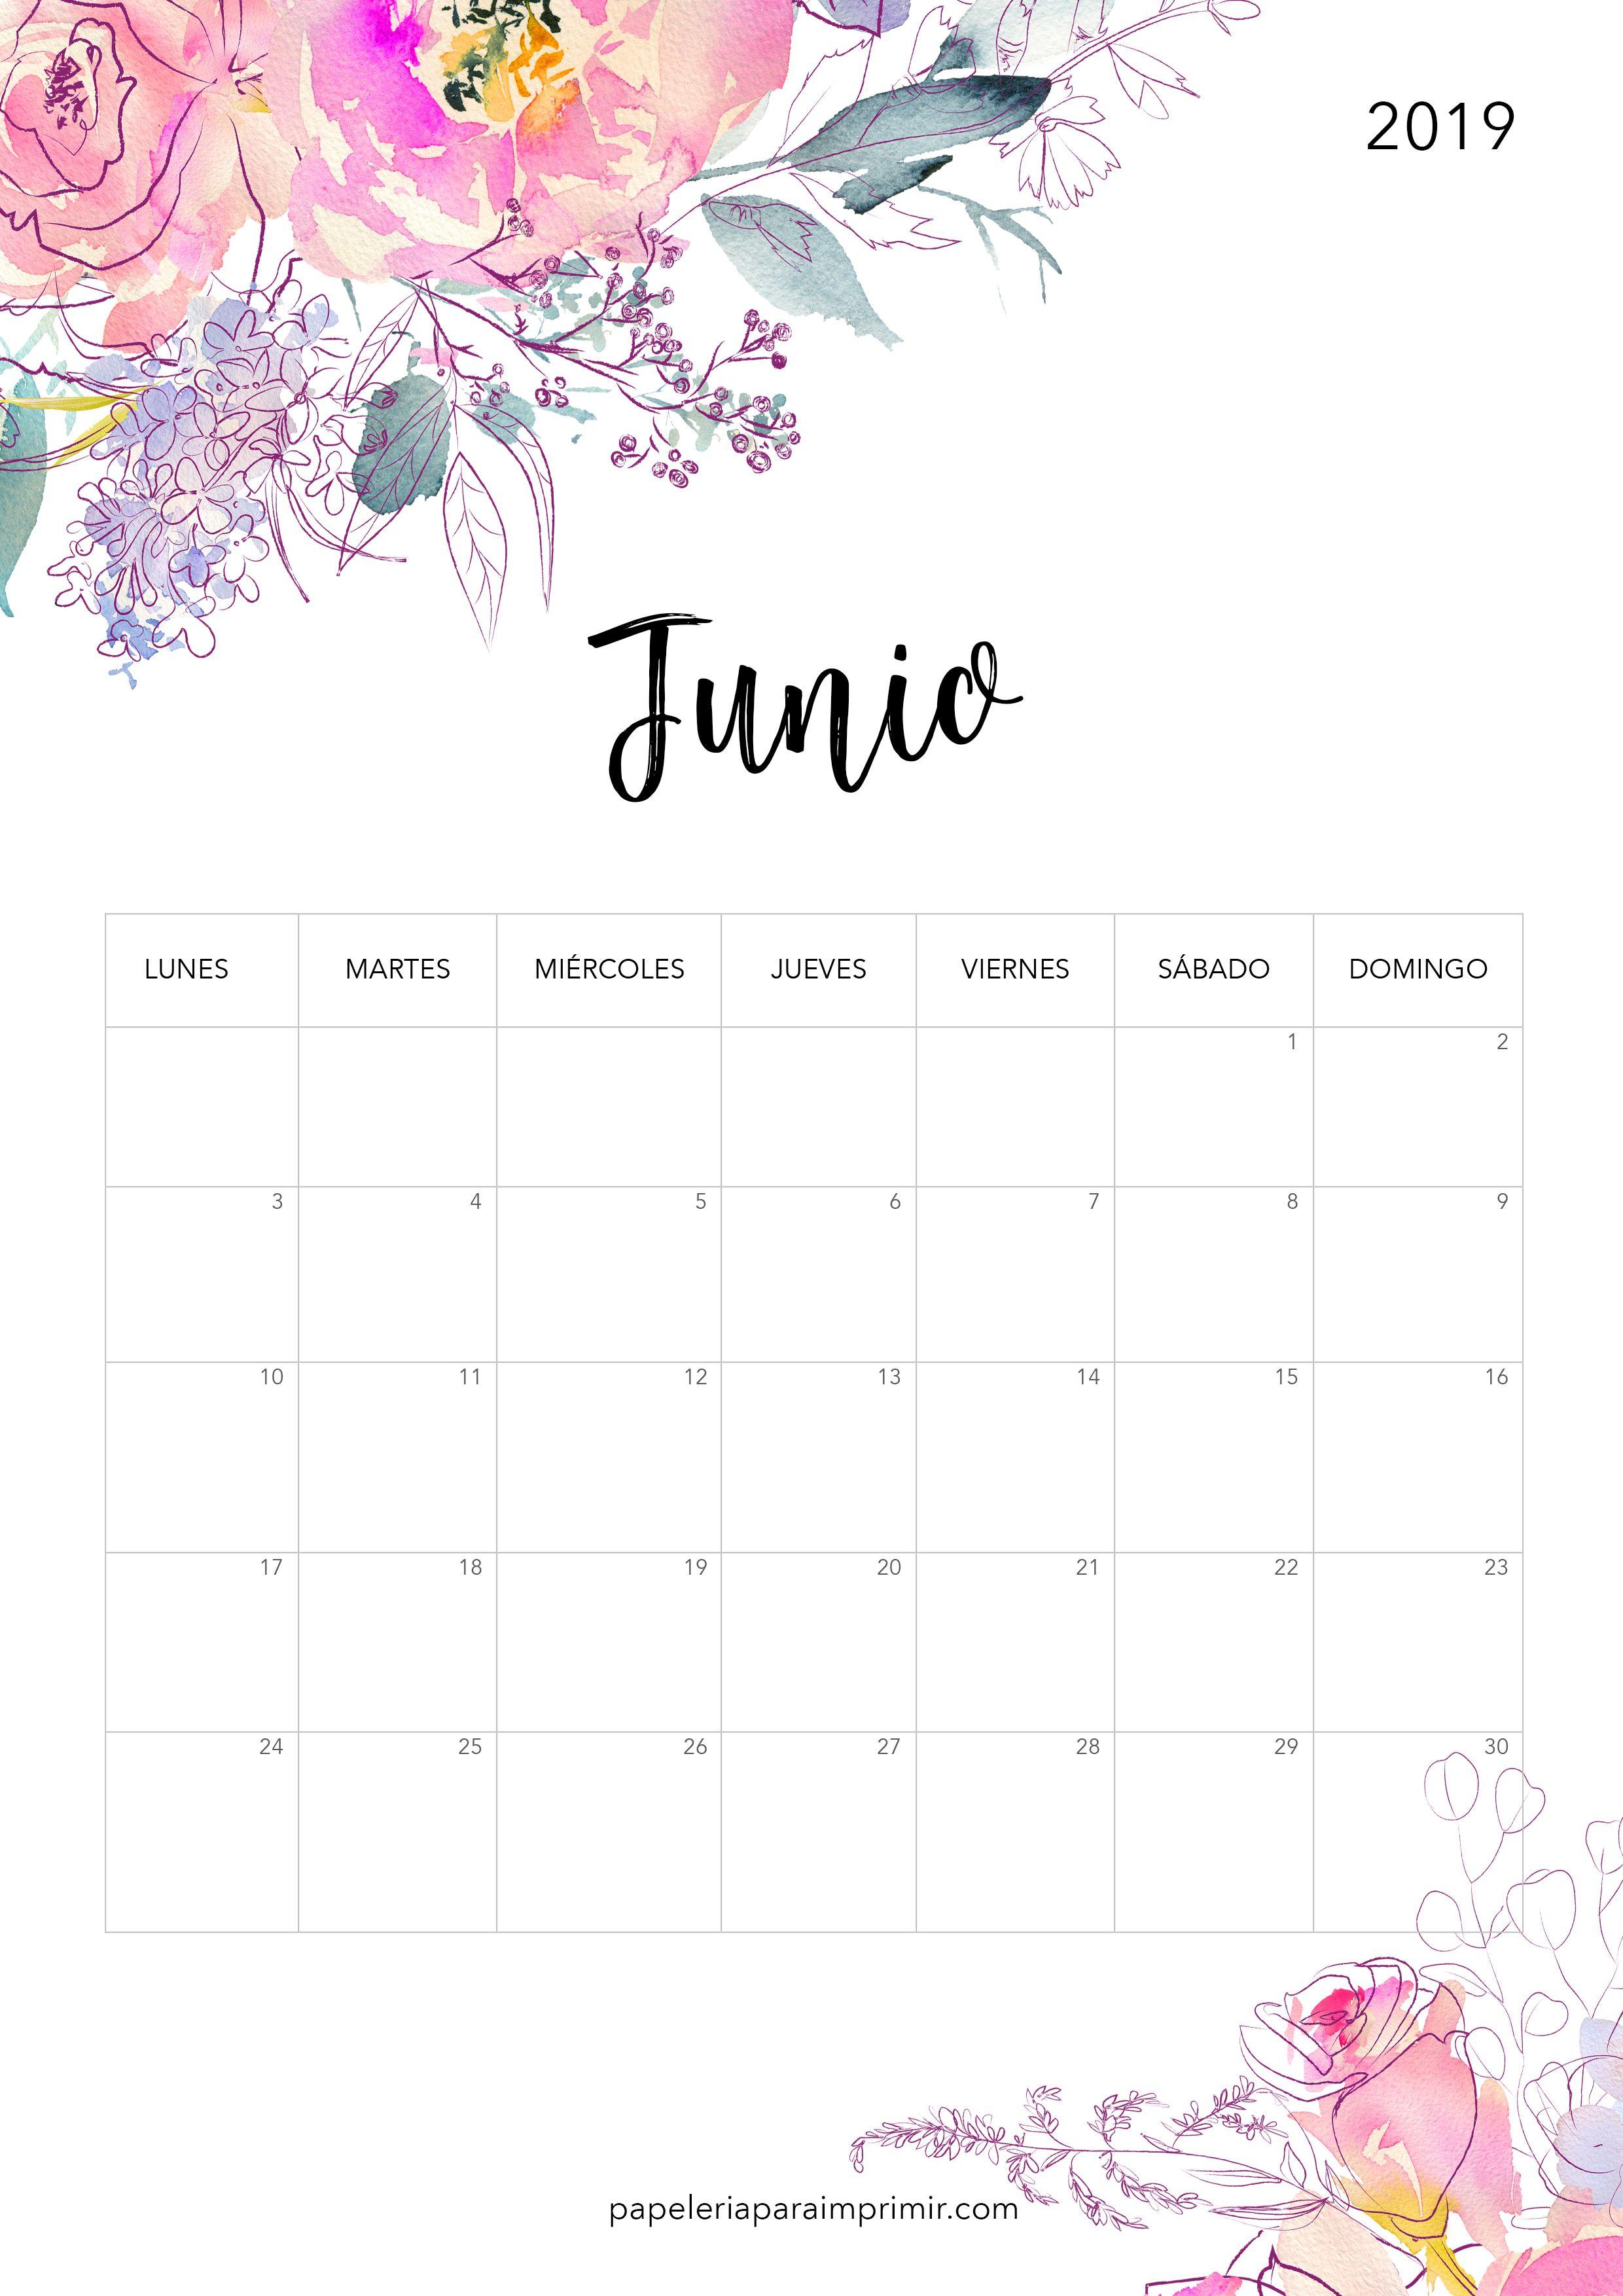 Calendario Junio 2019 Para Imprimir Pdf.Calendario Para Imprimir Junio 2019 Calendario Imprimir Junio